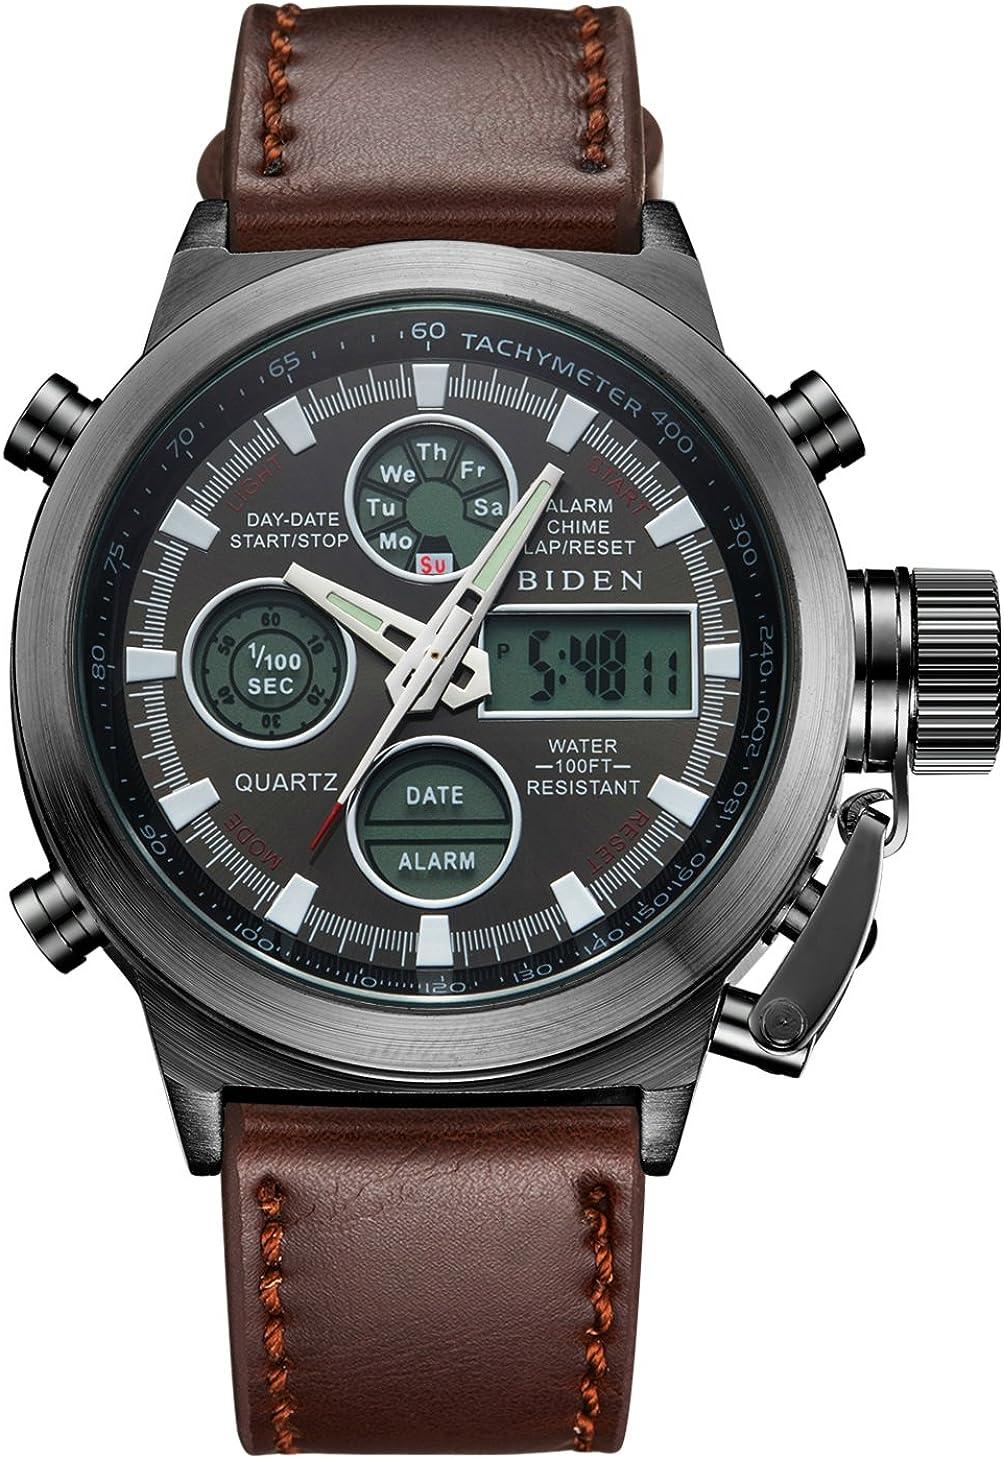 Reloj deportivo digital militar de gran rostro para hombre Reloj impermeable digital LED de alarma para hombre con cronógrafo Reloj deportivo multifuncional para hombre con cronómetro negro